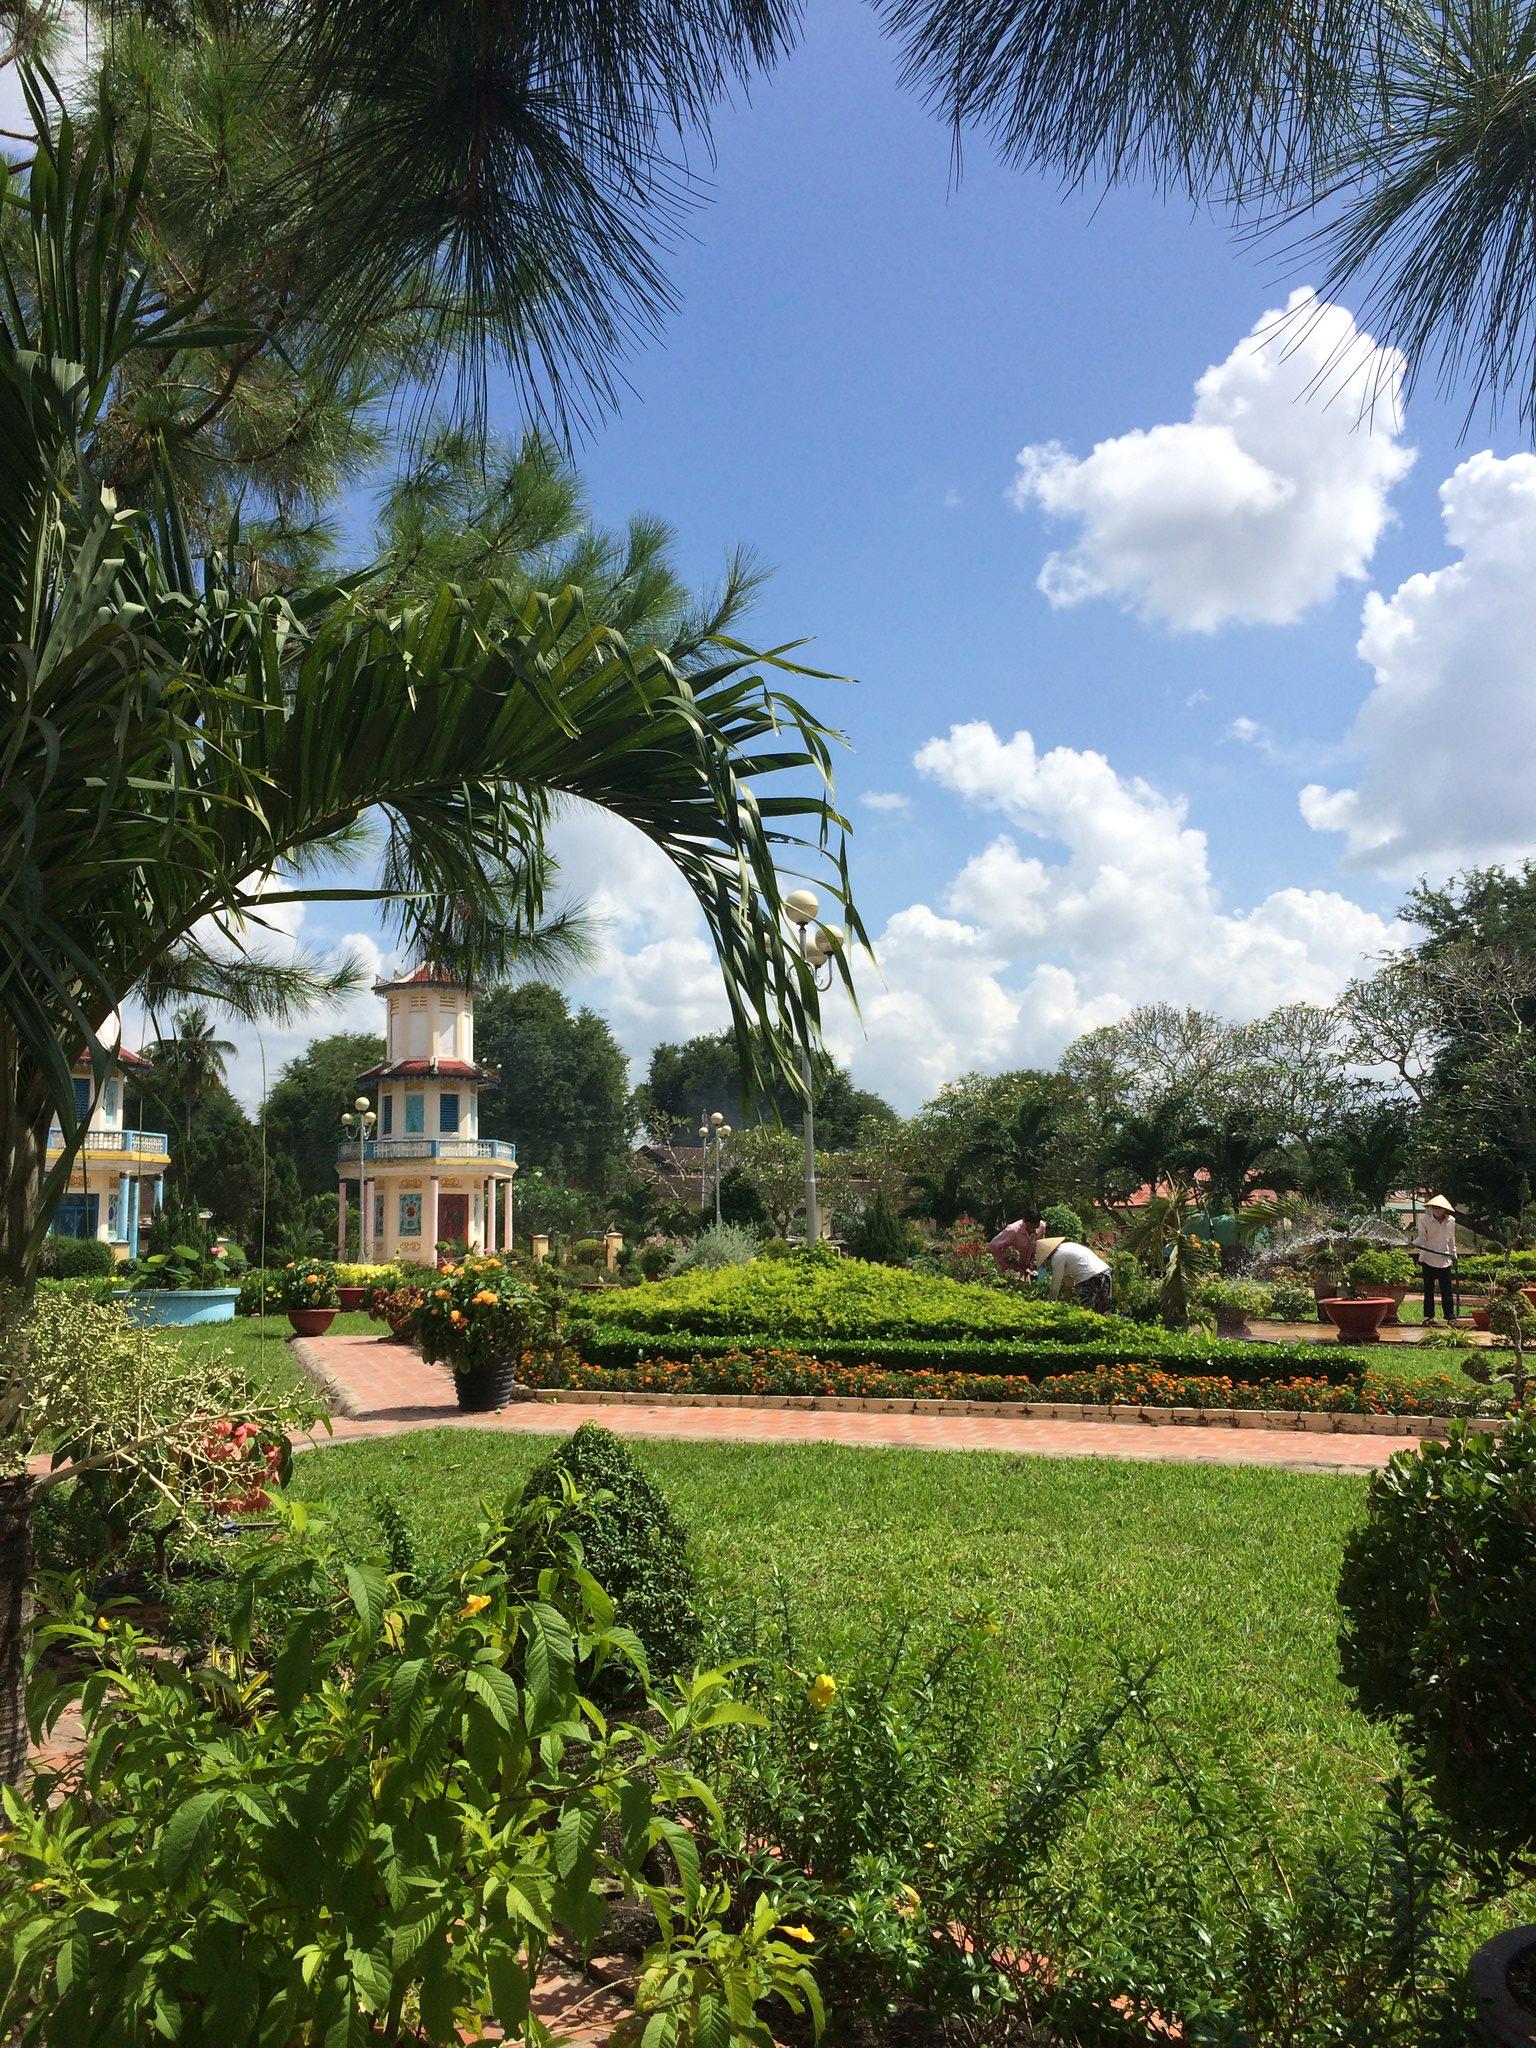 Temple Garden in the Tây Ninh Province, Vietnam